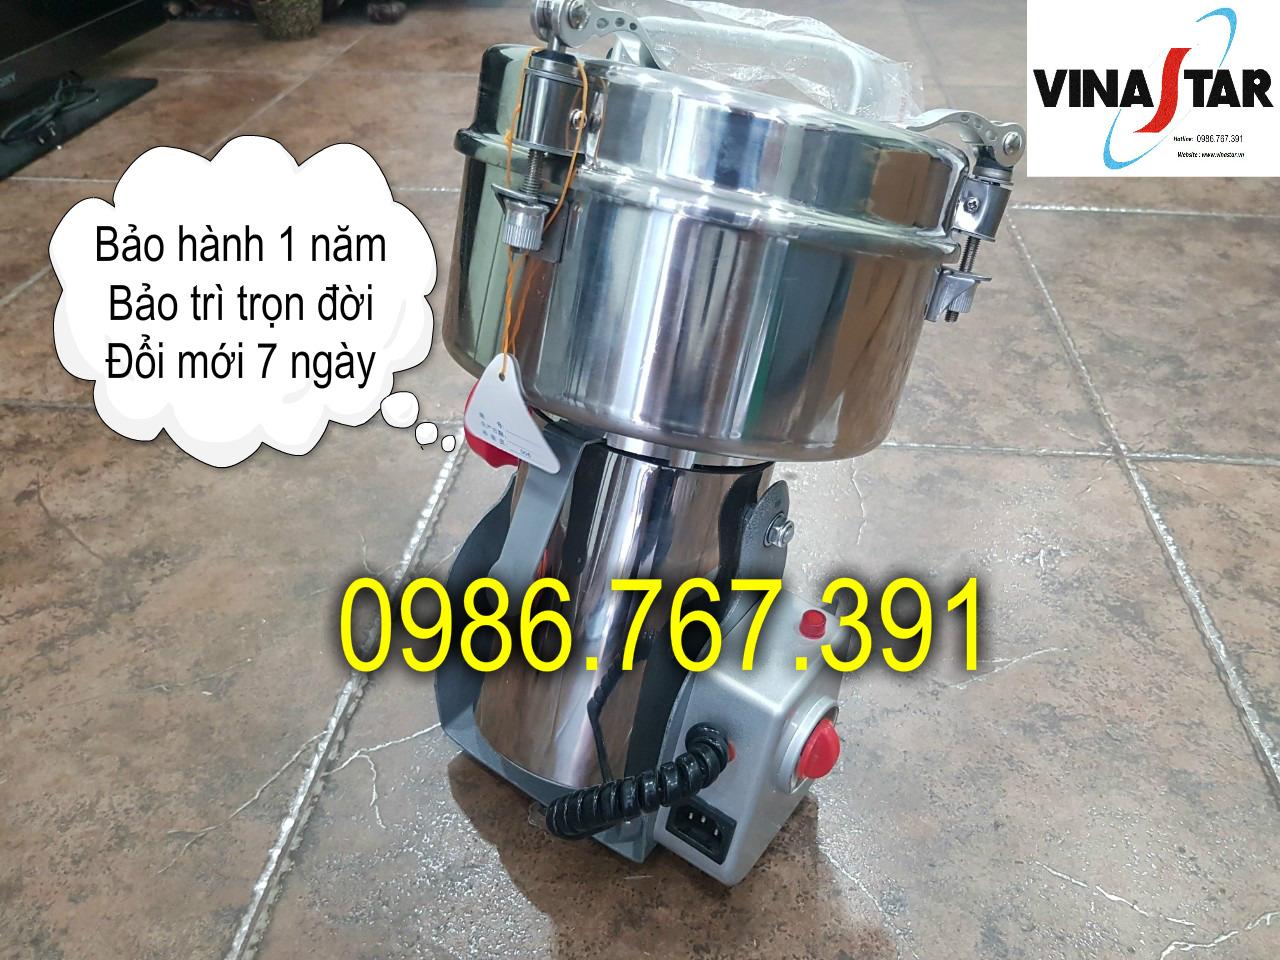 pizap.com15659231741455.jpg